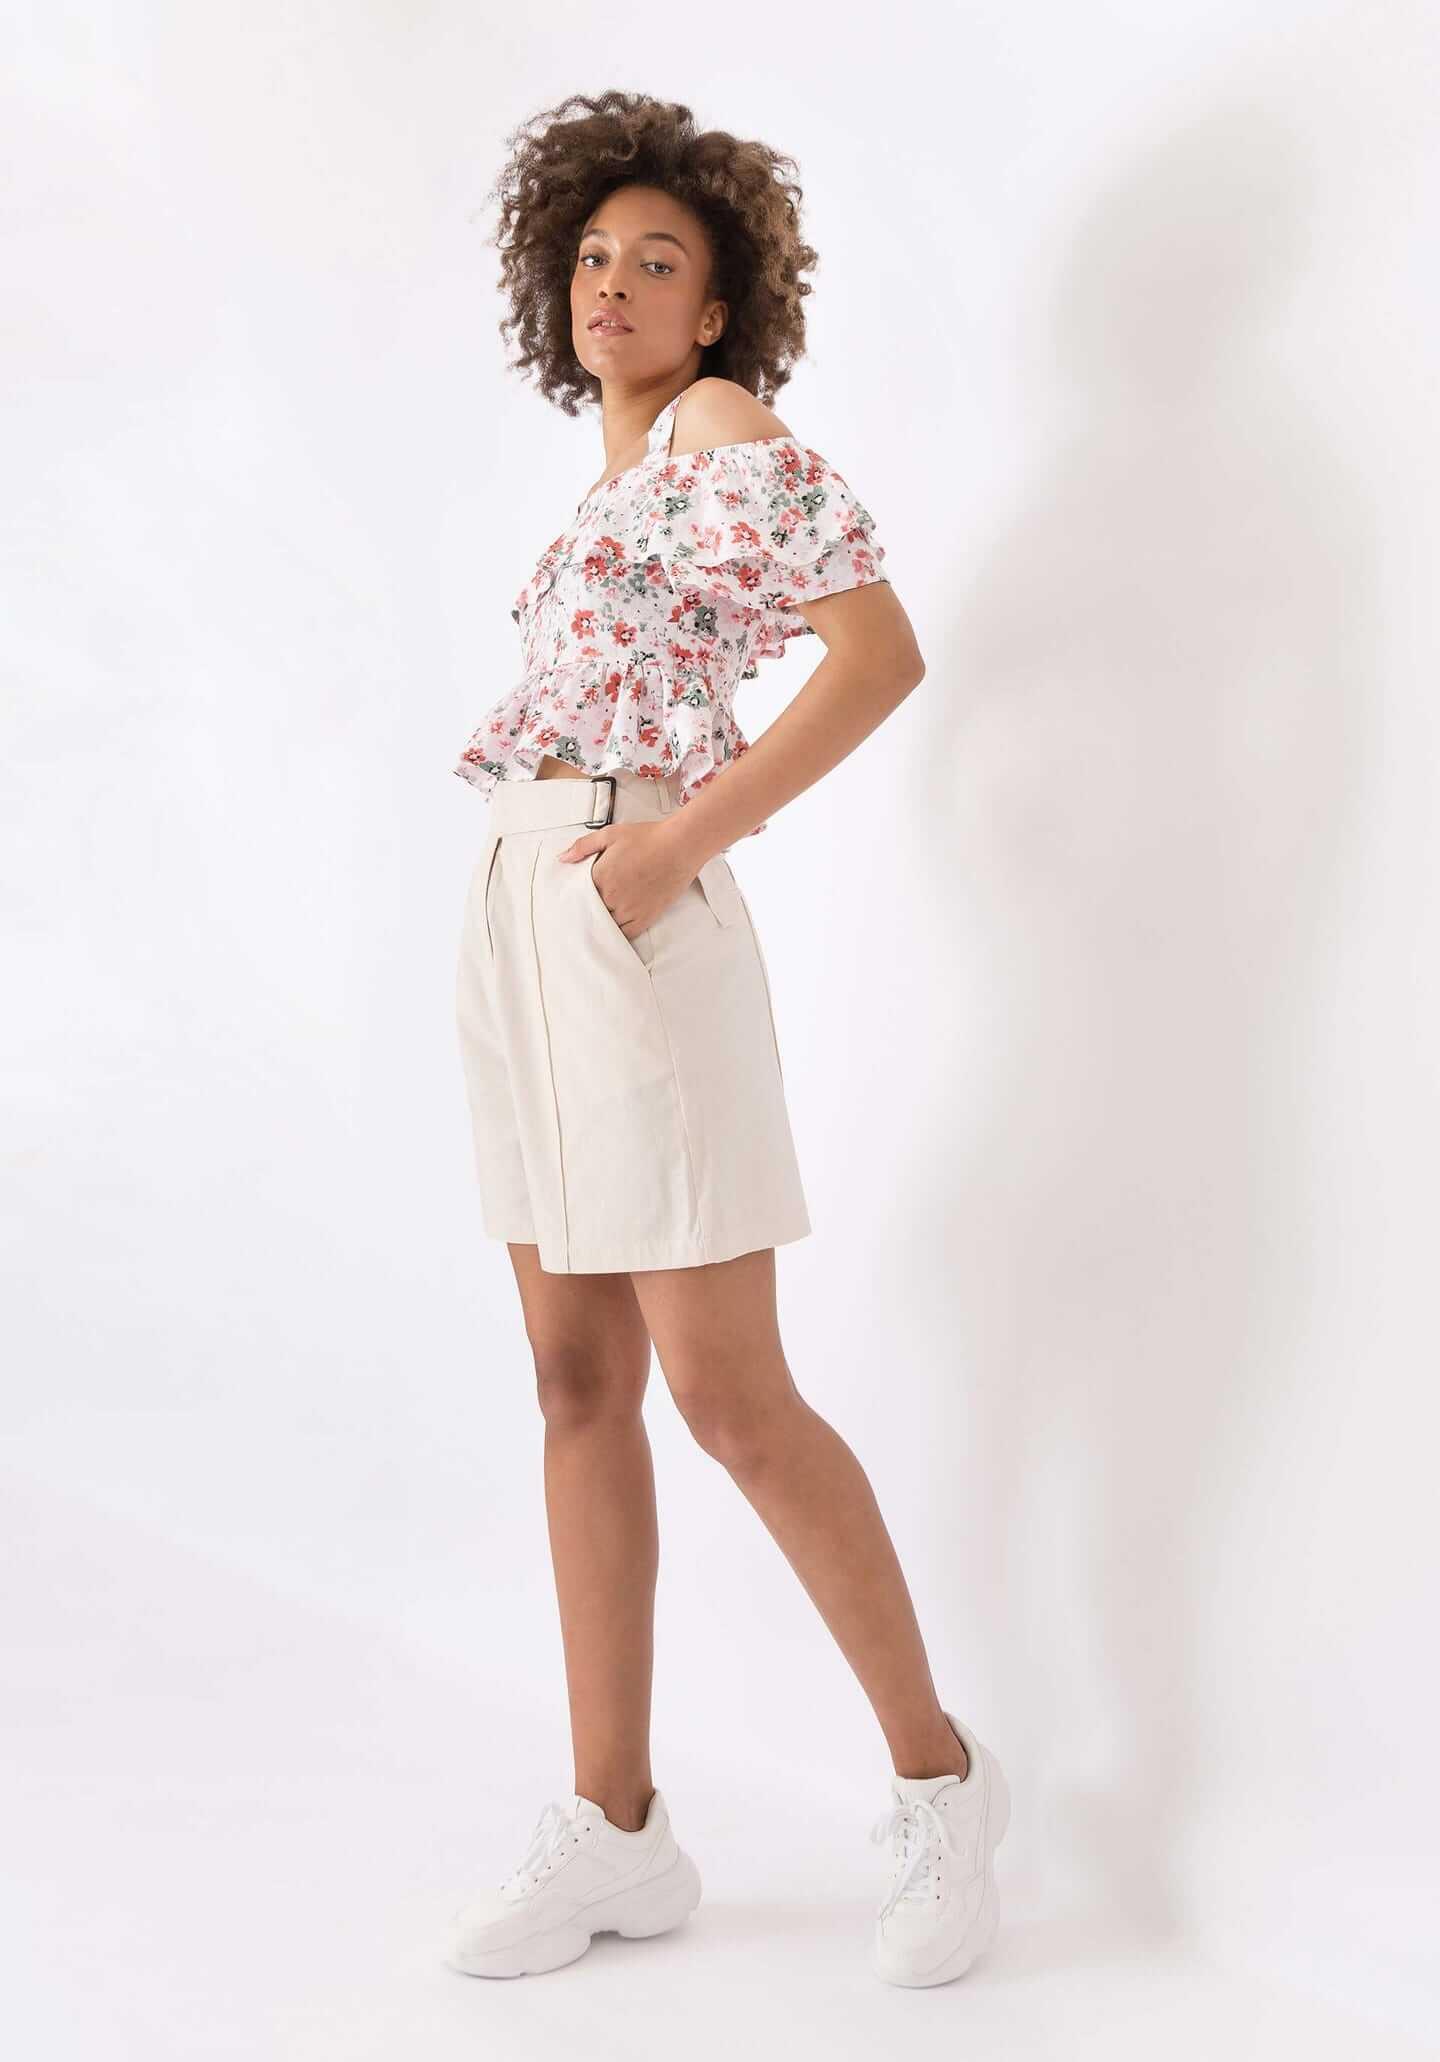 mulher molata de cabelo curto em sessão fotográfica a usar sapatilhas brancas, calções brancos e blusa branca com padrão de flores